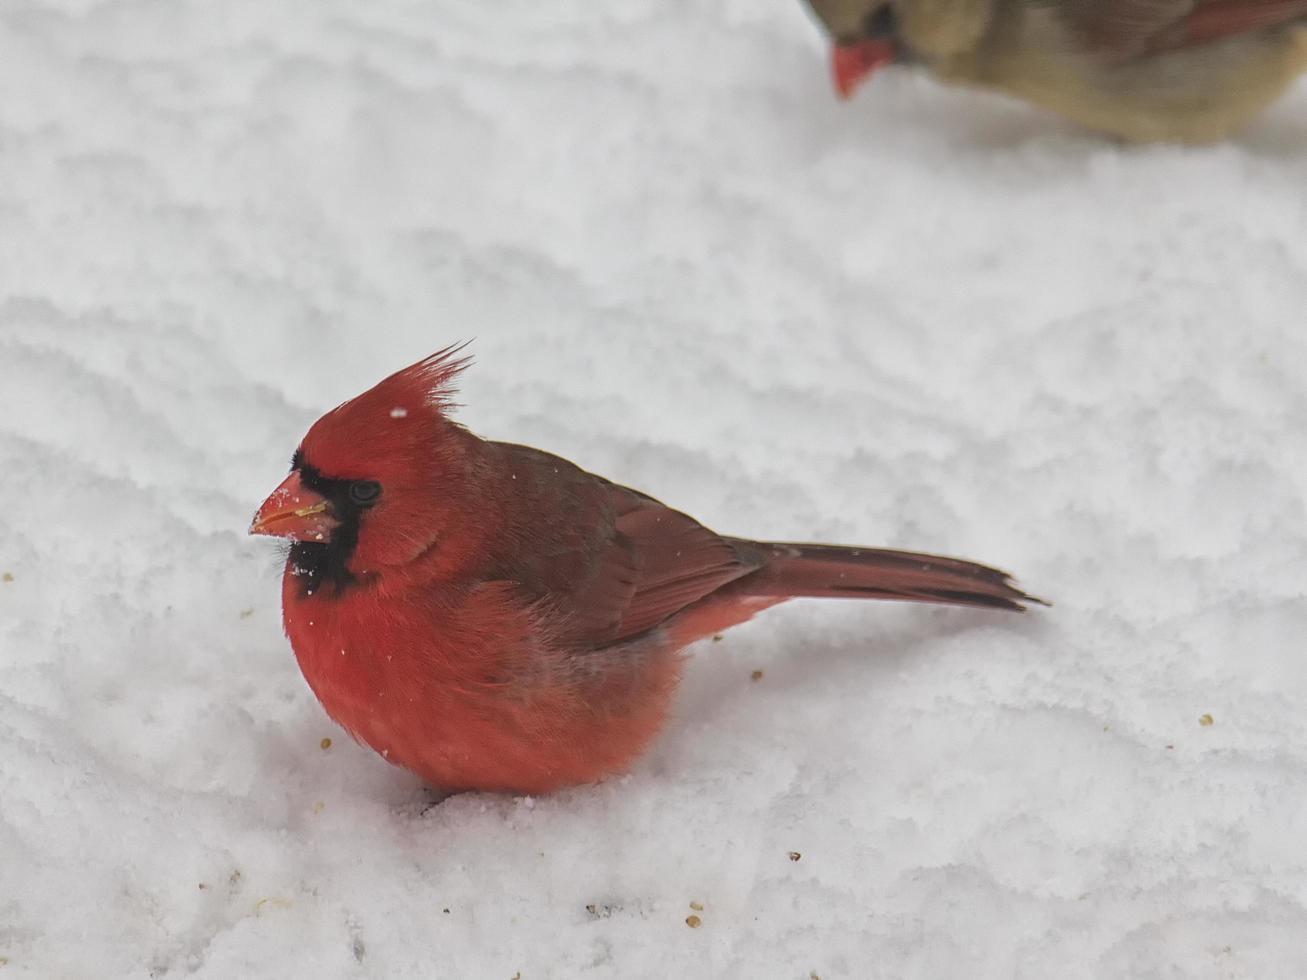 oiseau cardinal mâle dans la neige photo